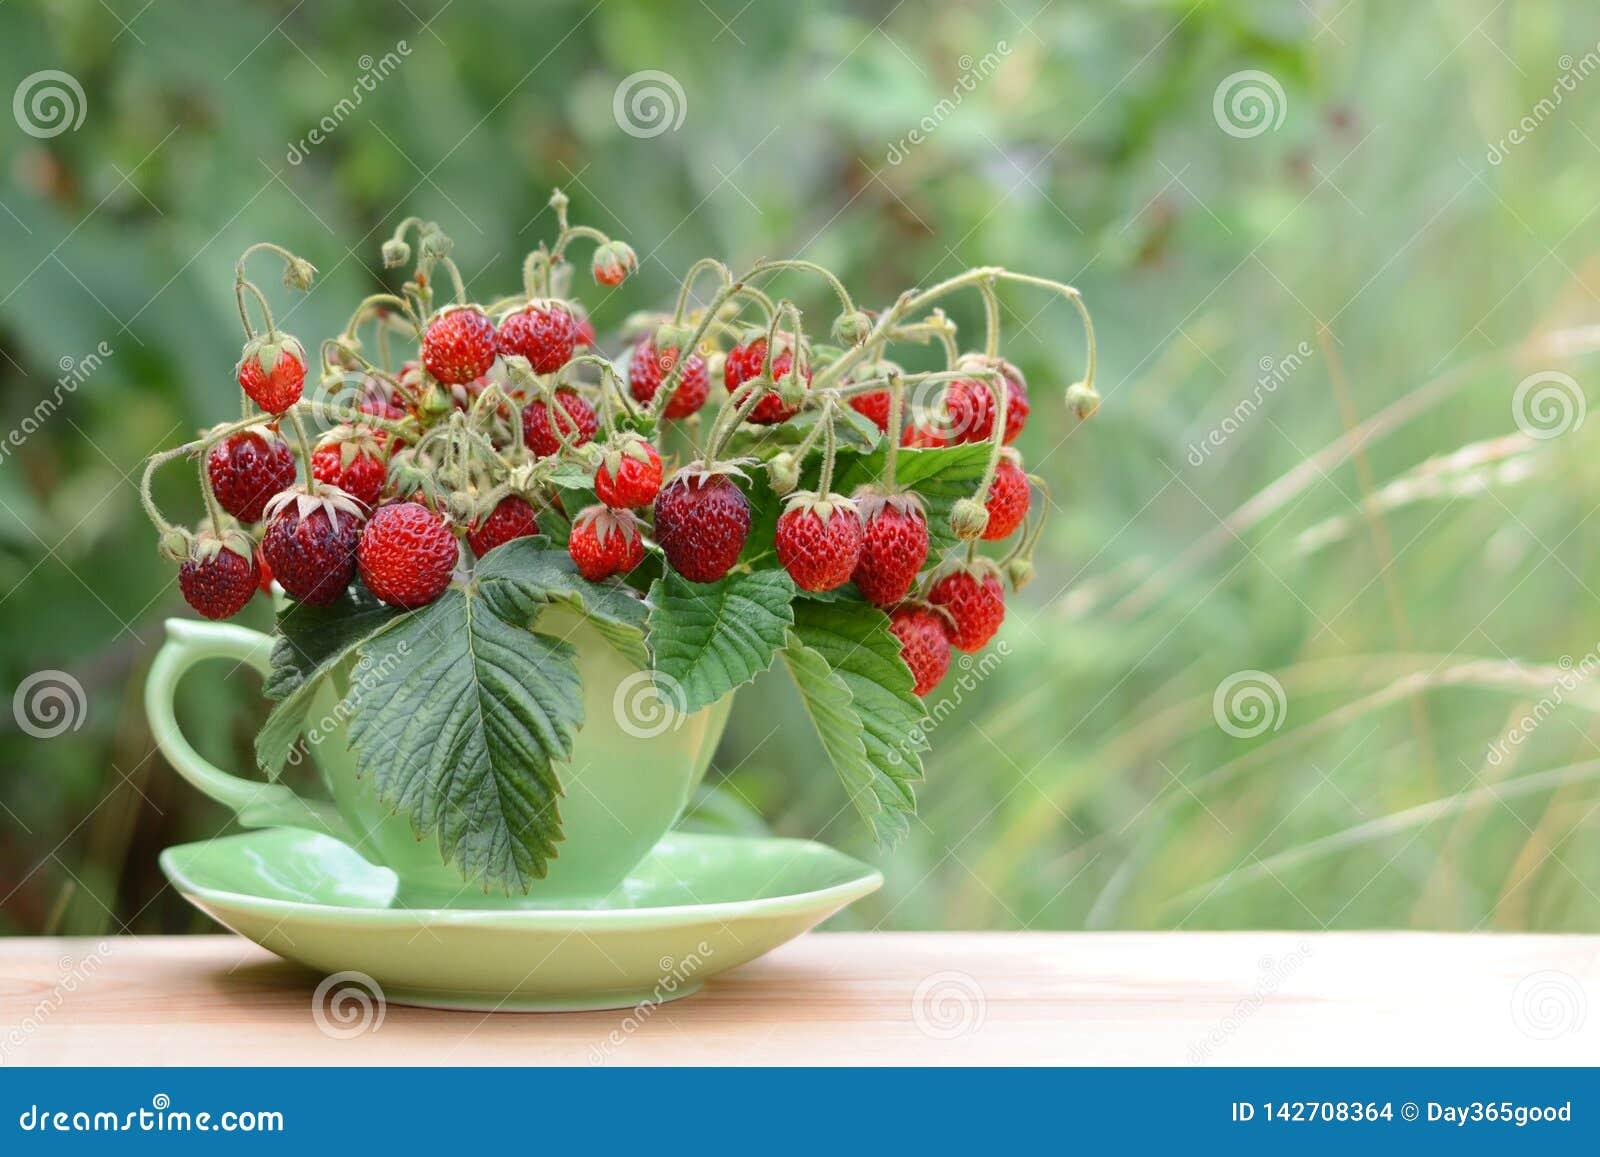 Fragole in tazza su fondo verde Sfondo naturale di estate